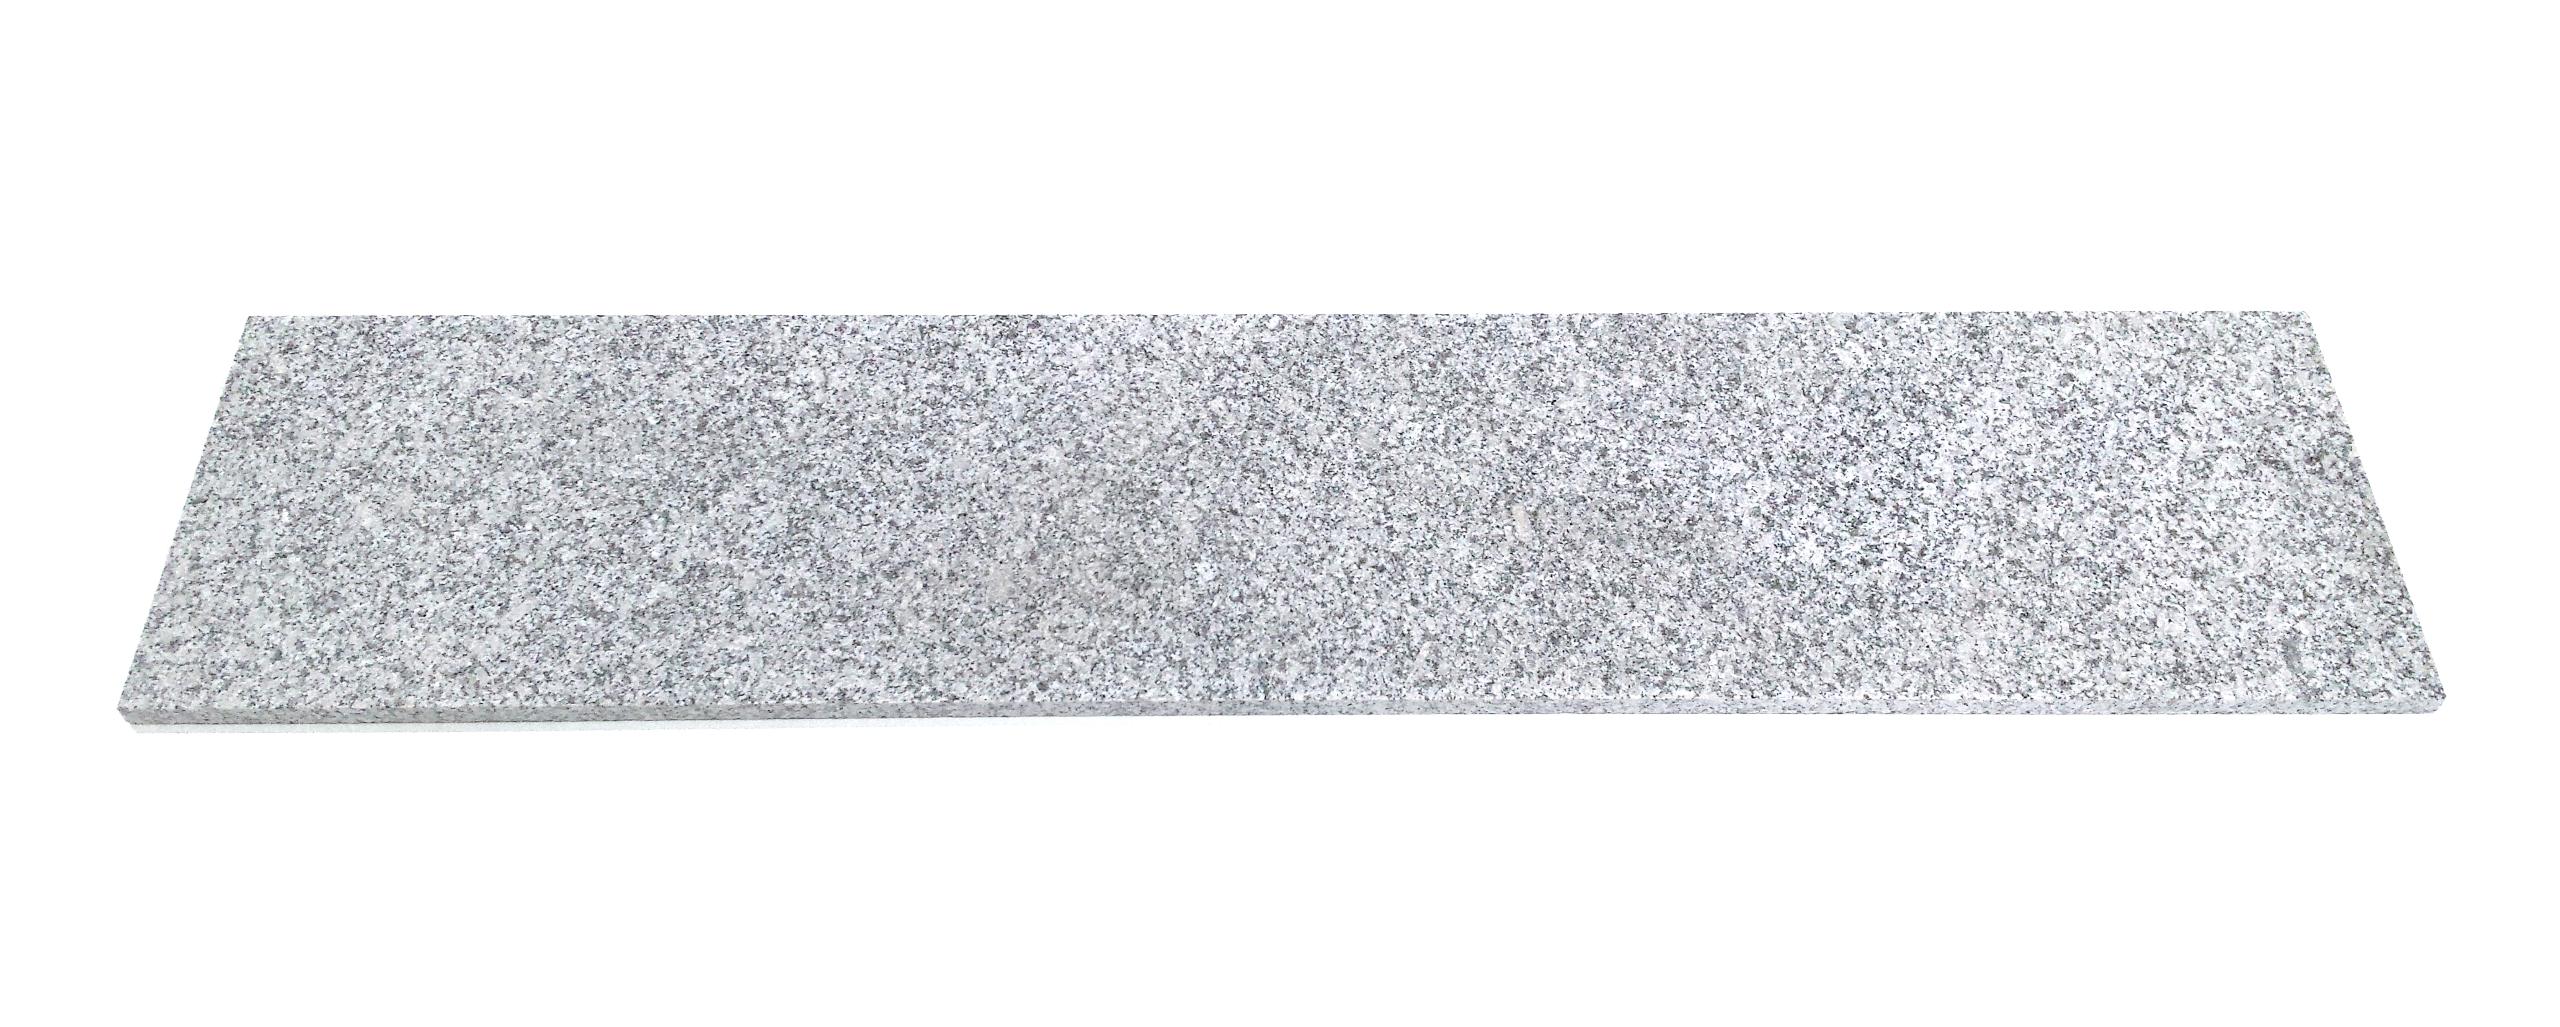 Stopnica schodowa granit Grey Light G602 płomieniowana 150cm x 33cm x 2cm